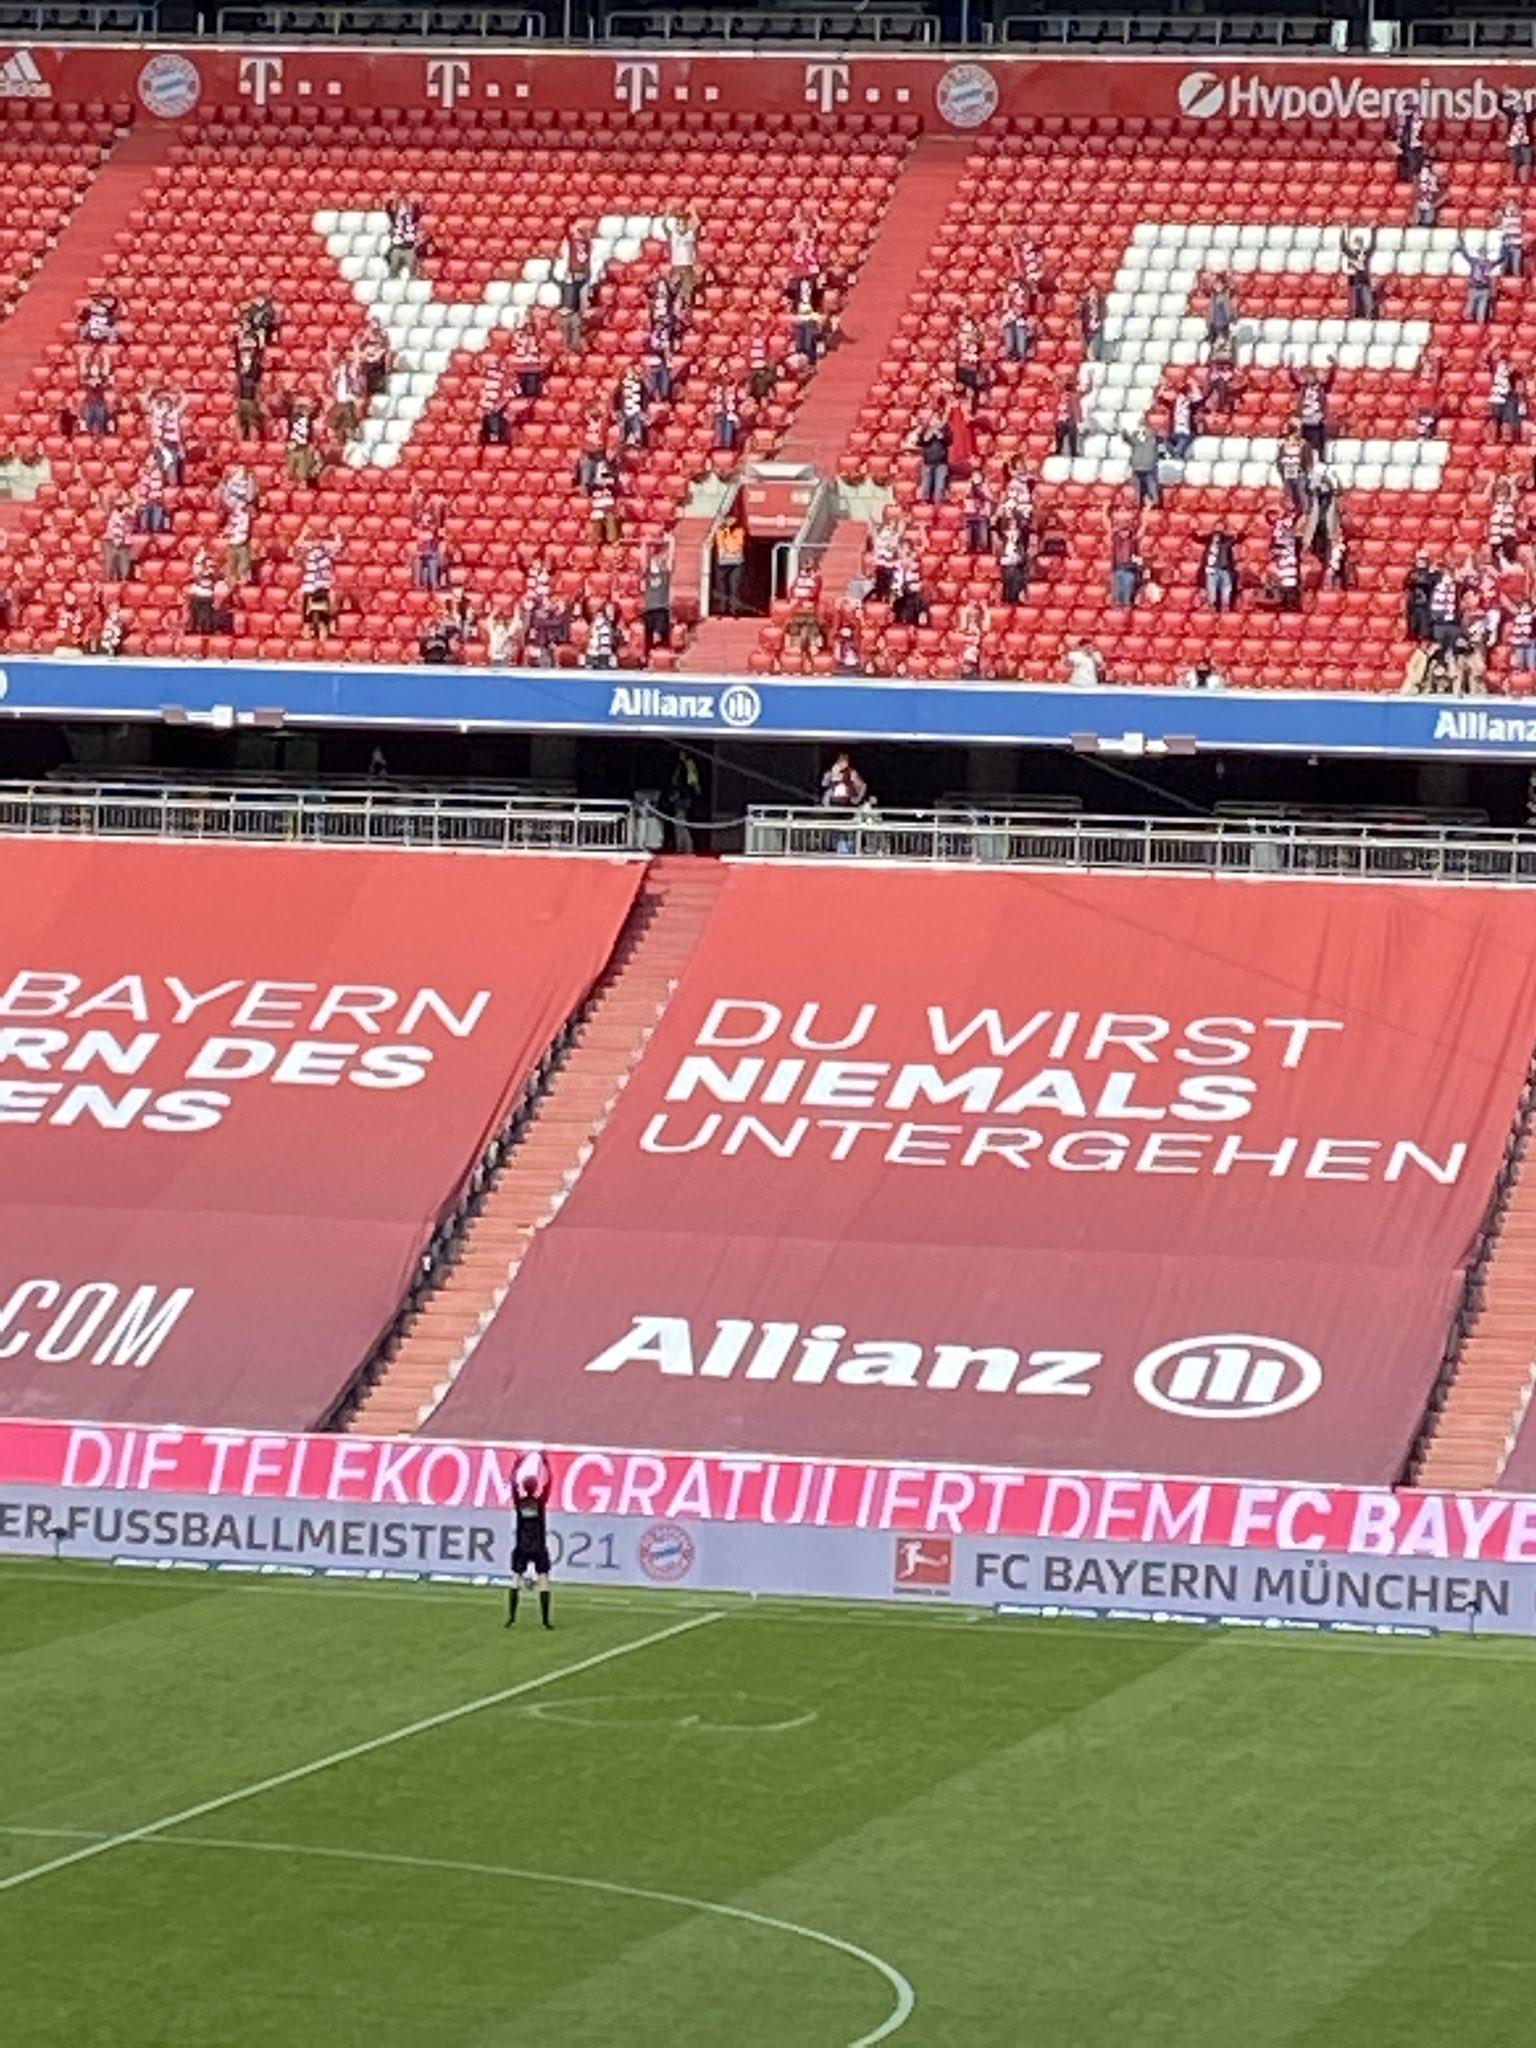 Giornata di lacrime e addii all&rsquo;Allianz Arena. Nel giorno della festa per il nono titolo del Bayern Monaco, alle tante immagini di festa per gli addii di Alaba, Boateng e Martinez, si &egrave; aggiunta anche quella dell&#39;arbitro Markus Schmidt, che ha chiuso una carriera lunga 18 anni disegnando un grande cuore con lo spray in dotazione sotto la tribuna centrale dell&#39;impianto di Monaco dove c&#39;erano i suoi familiari e poi fatto la ola con i tifosi che di quel settore, tutti in piedi per applaudirlo come i giocatori di Bayern e Augsburg.<br /><br />